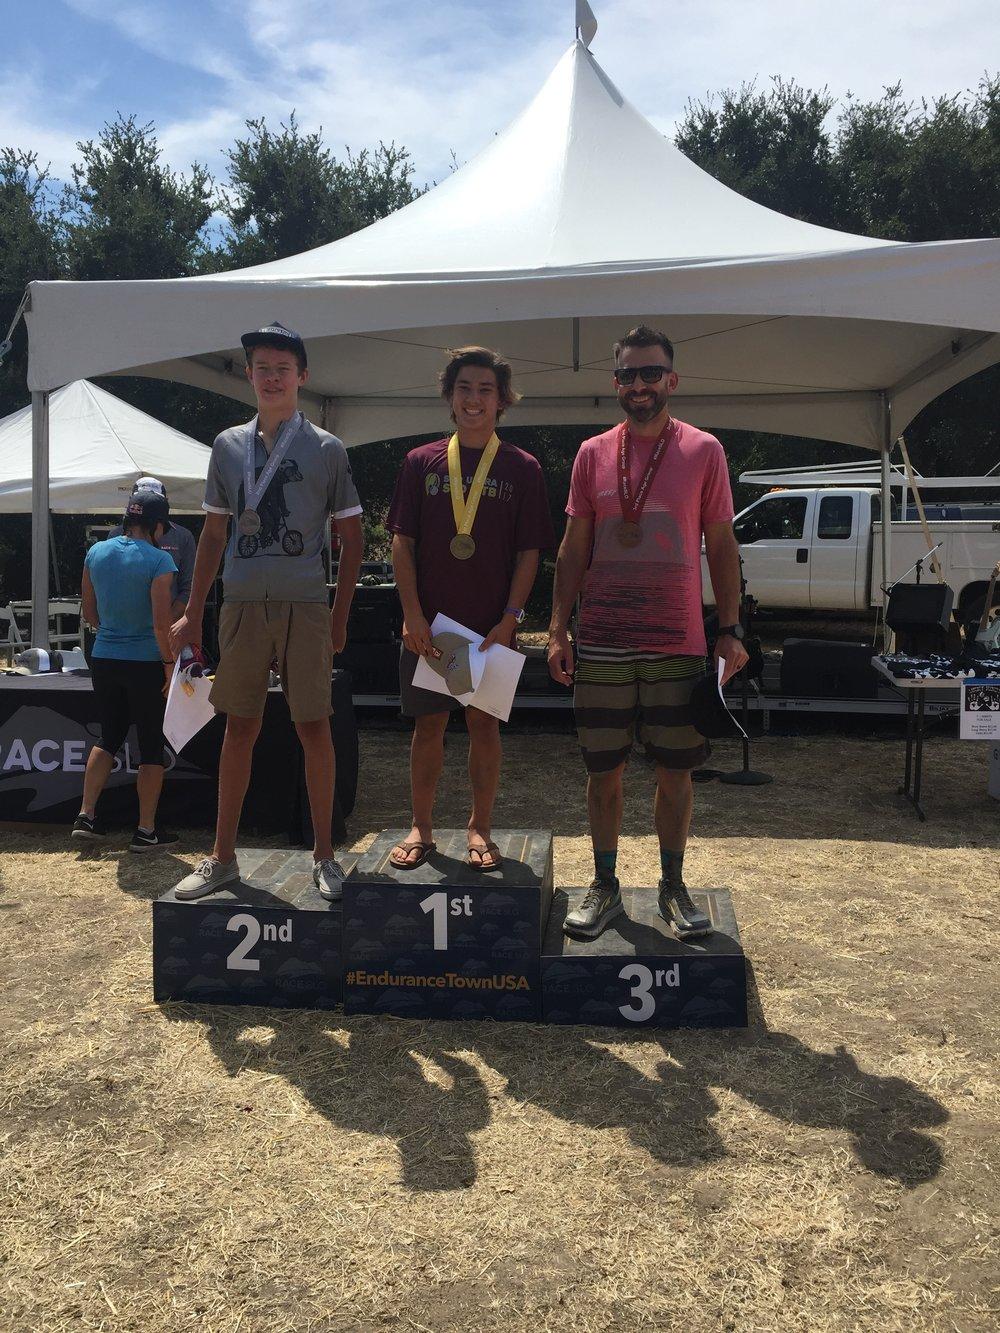 13 Mile Men's podium finishers